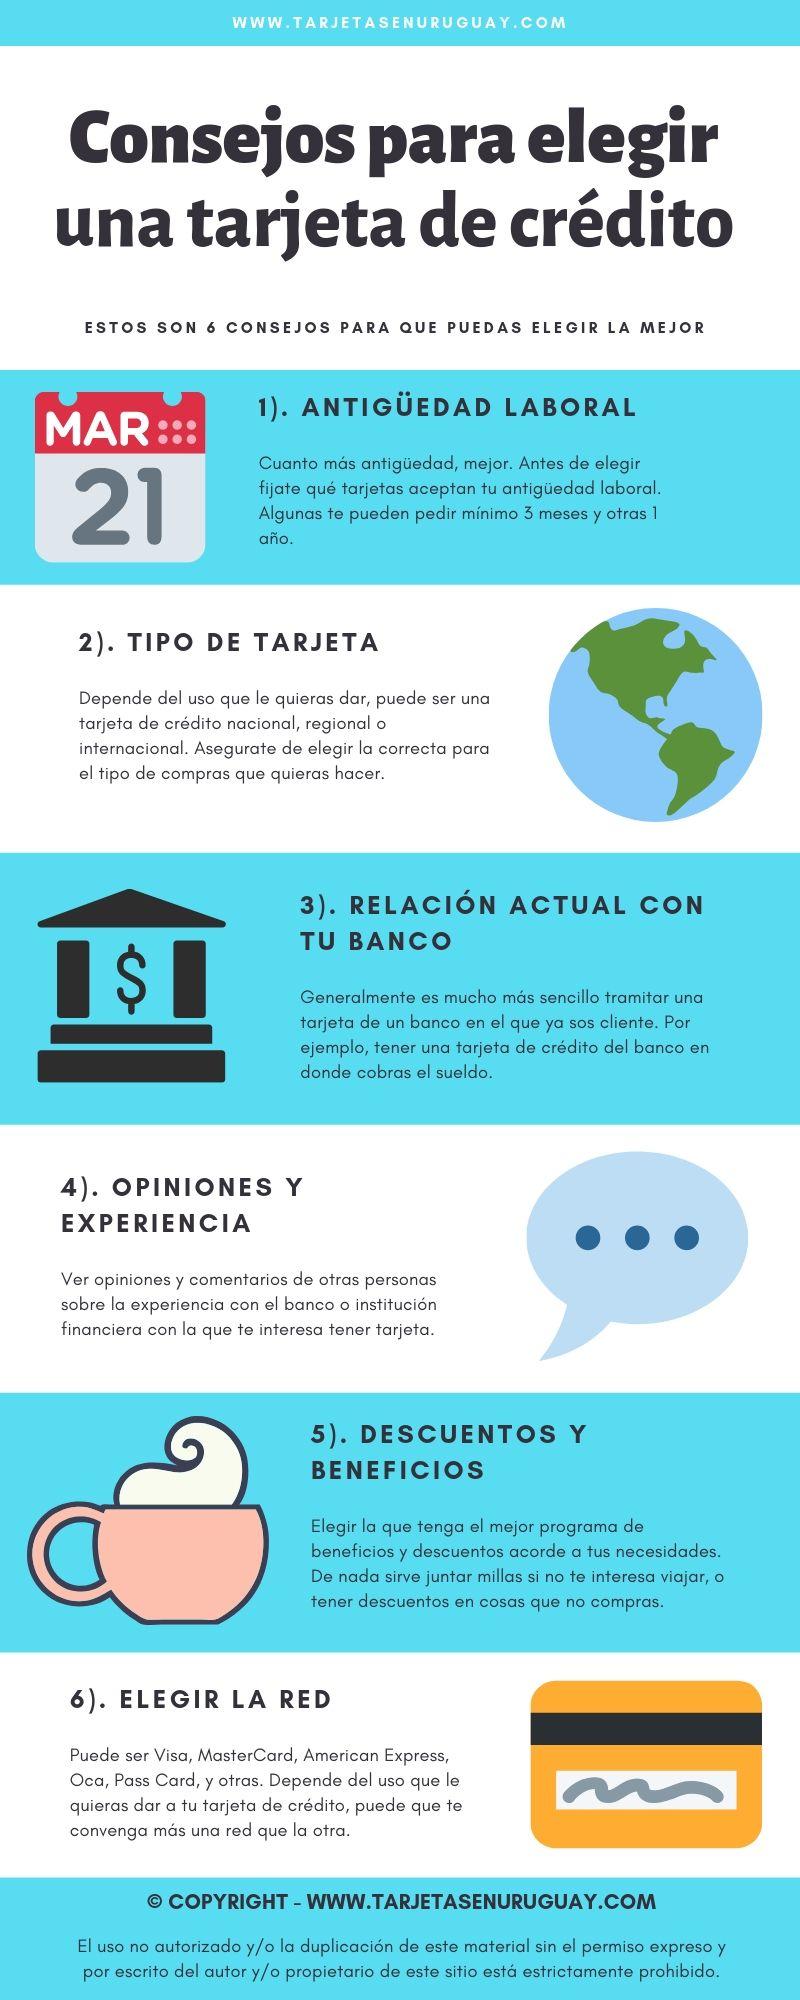 Infografía sobre consejos para elegir una tarjeta de crédito en Uruguay